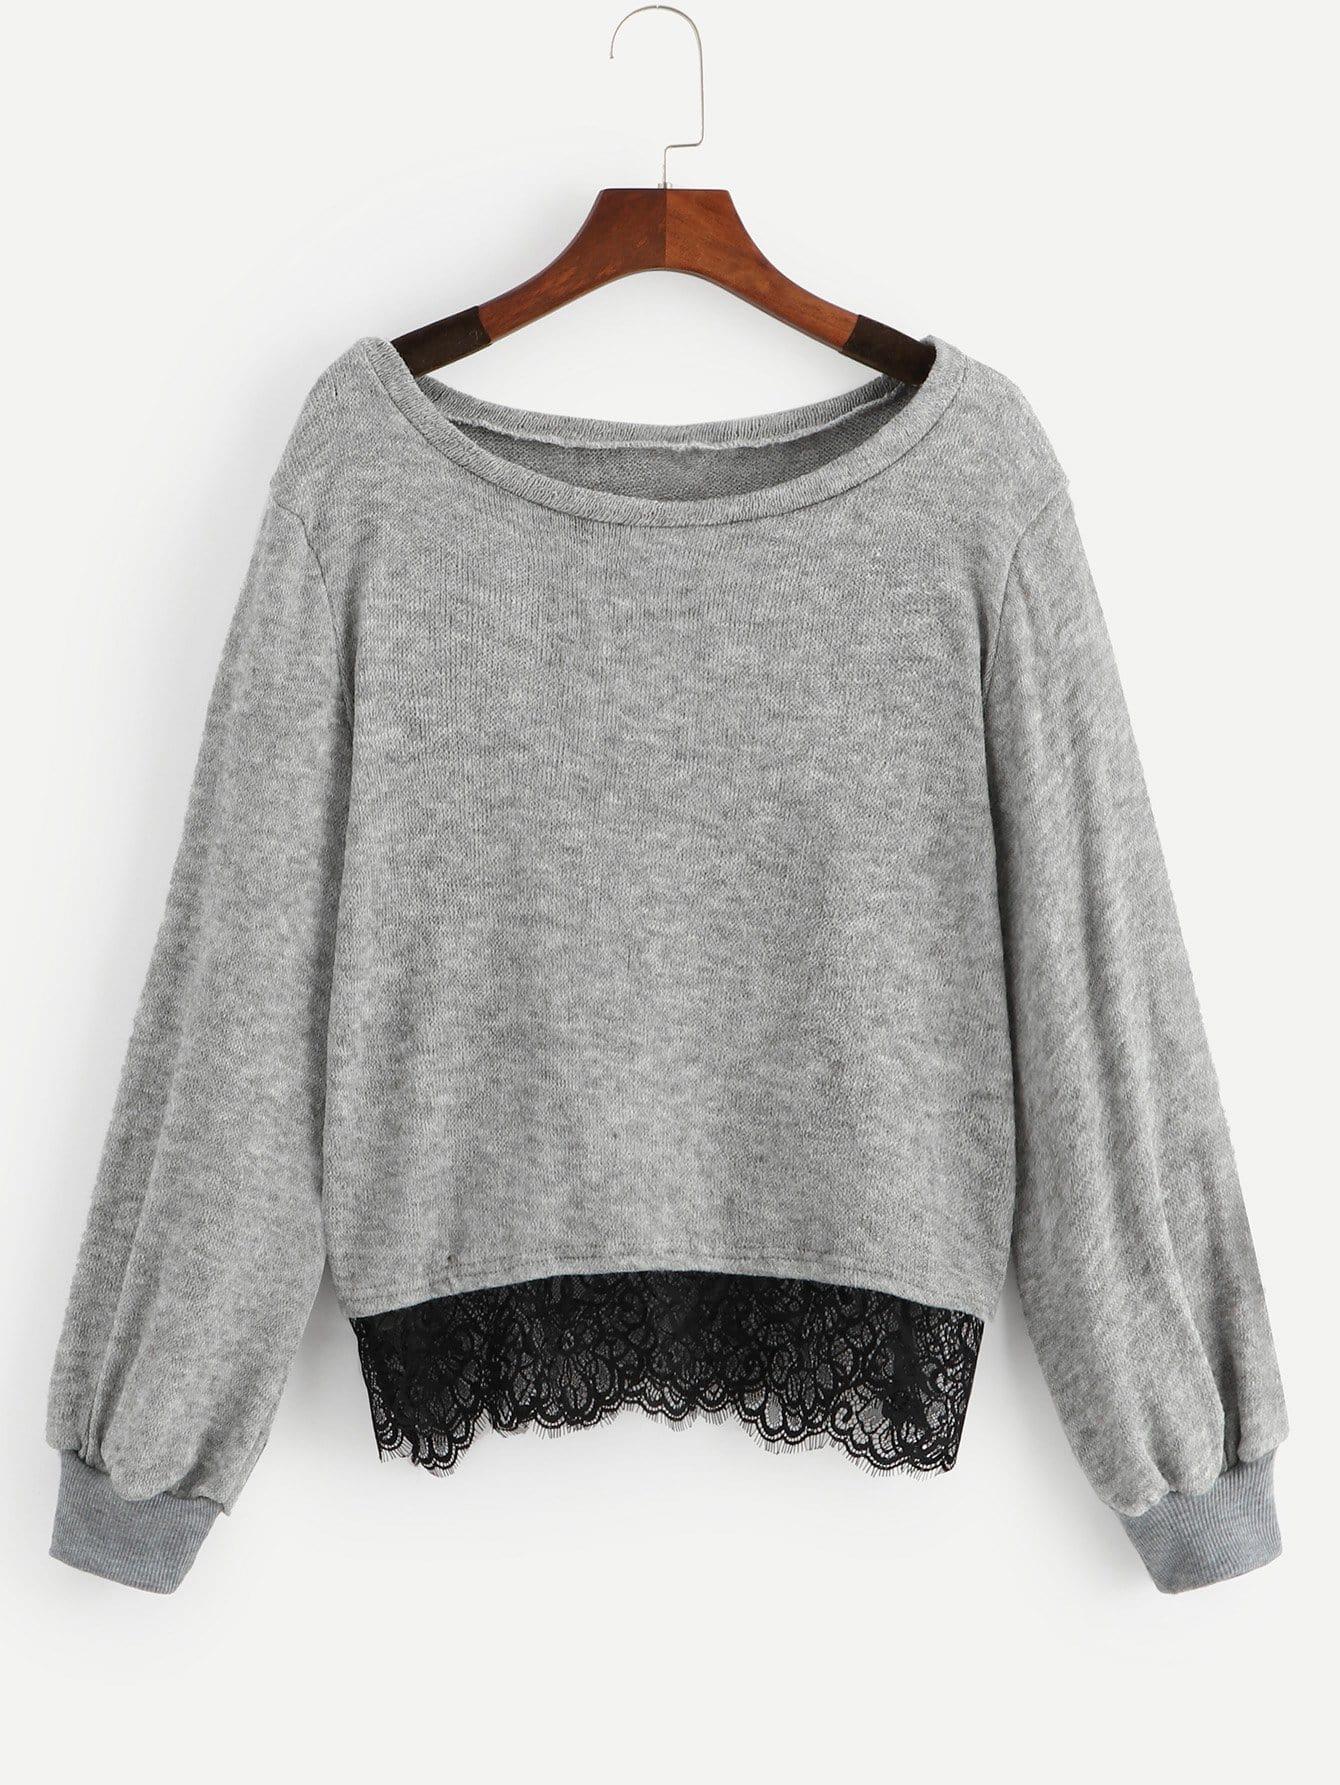 Фото - Контрастный однотонный свитер с кружевами от SheIn серого цвета